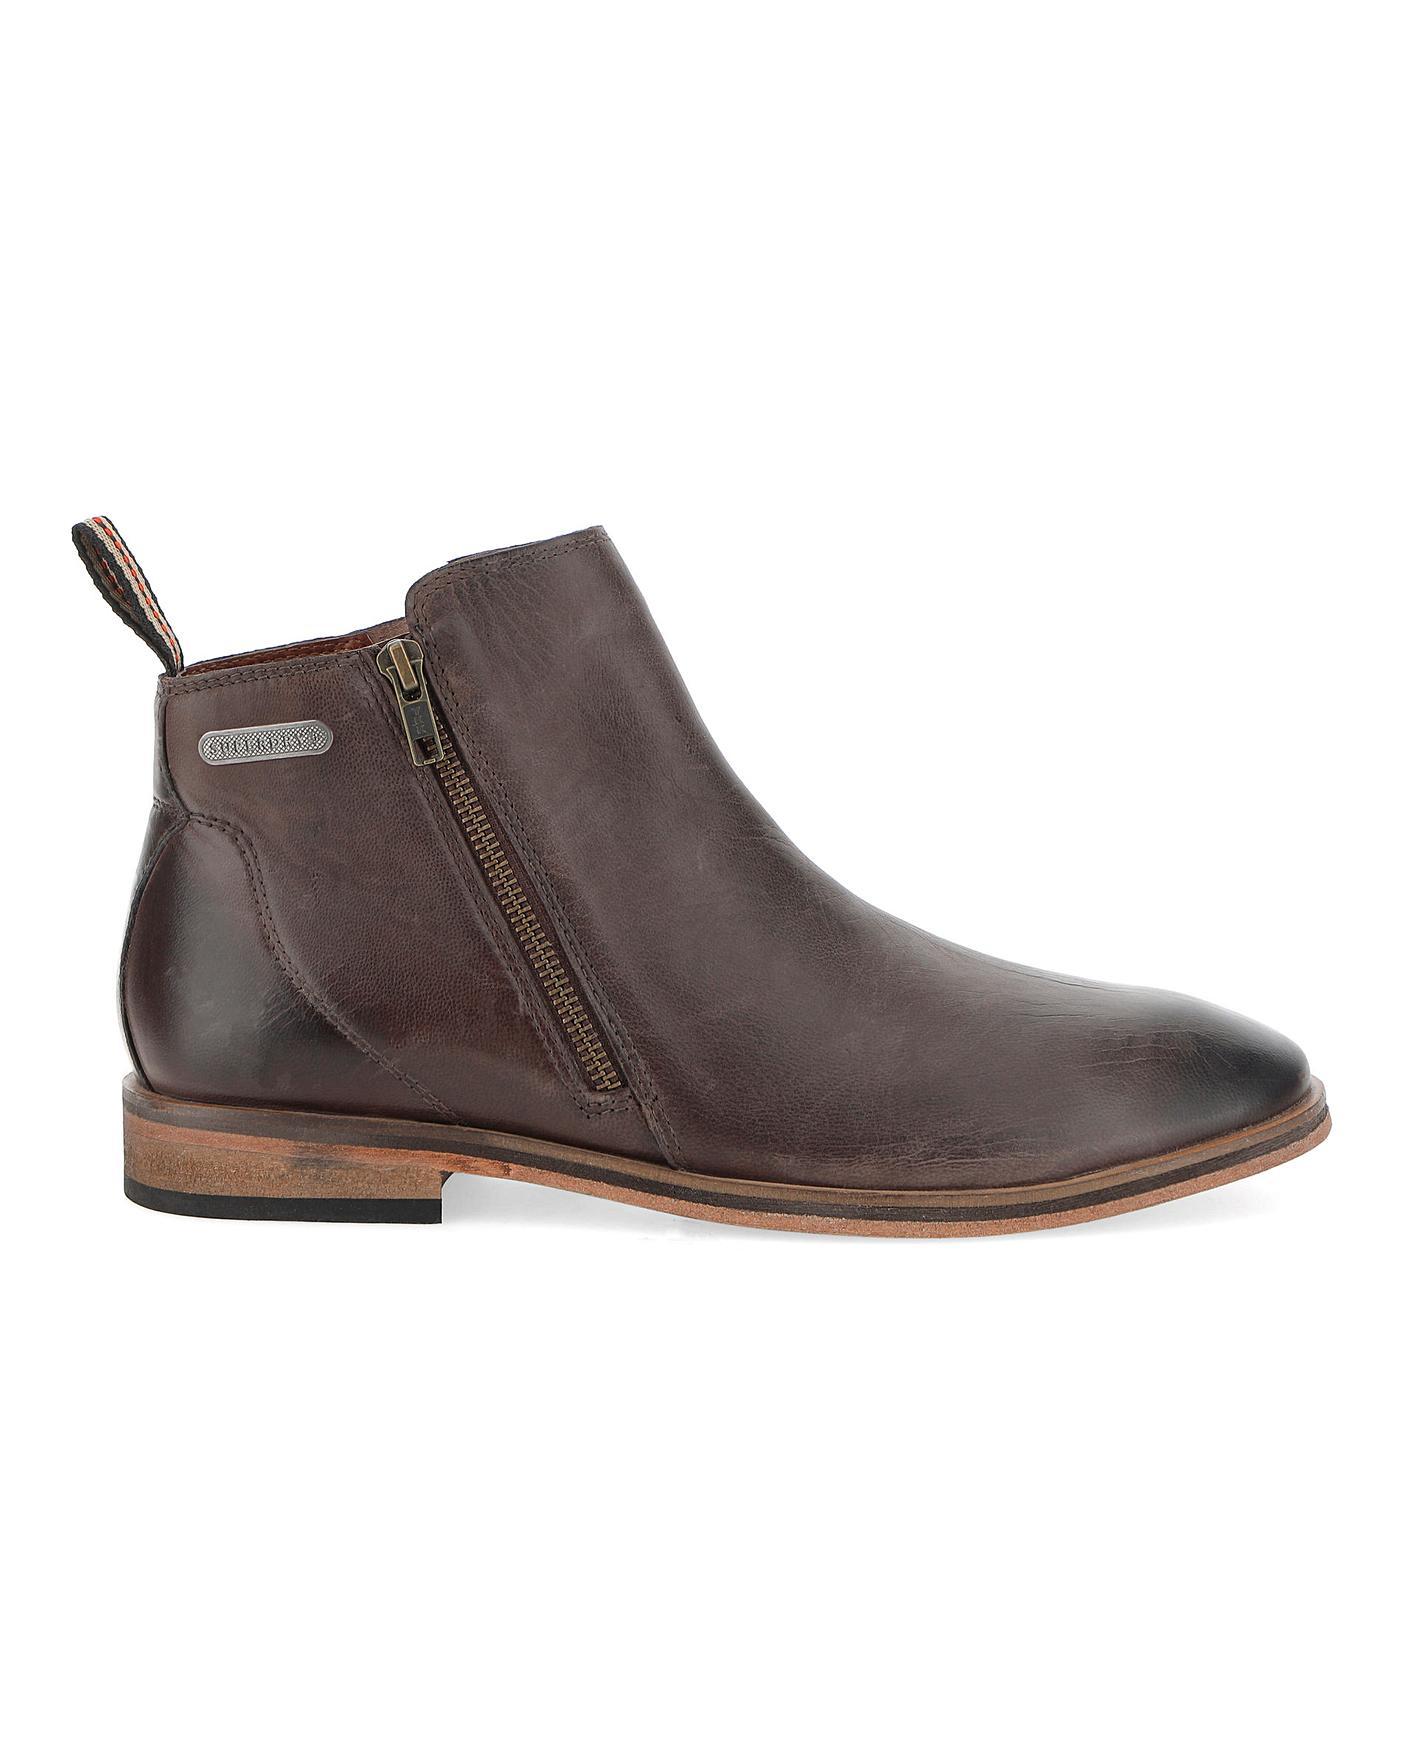 Superdry Trenton Zip Boot | Oxendales